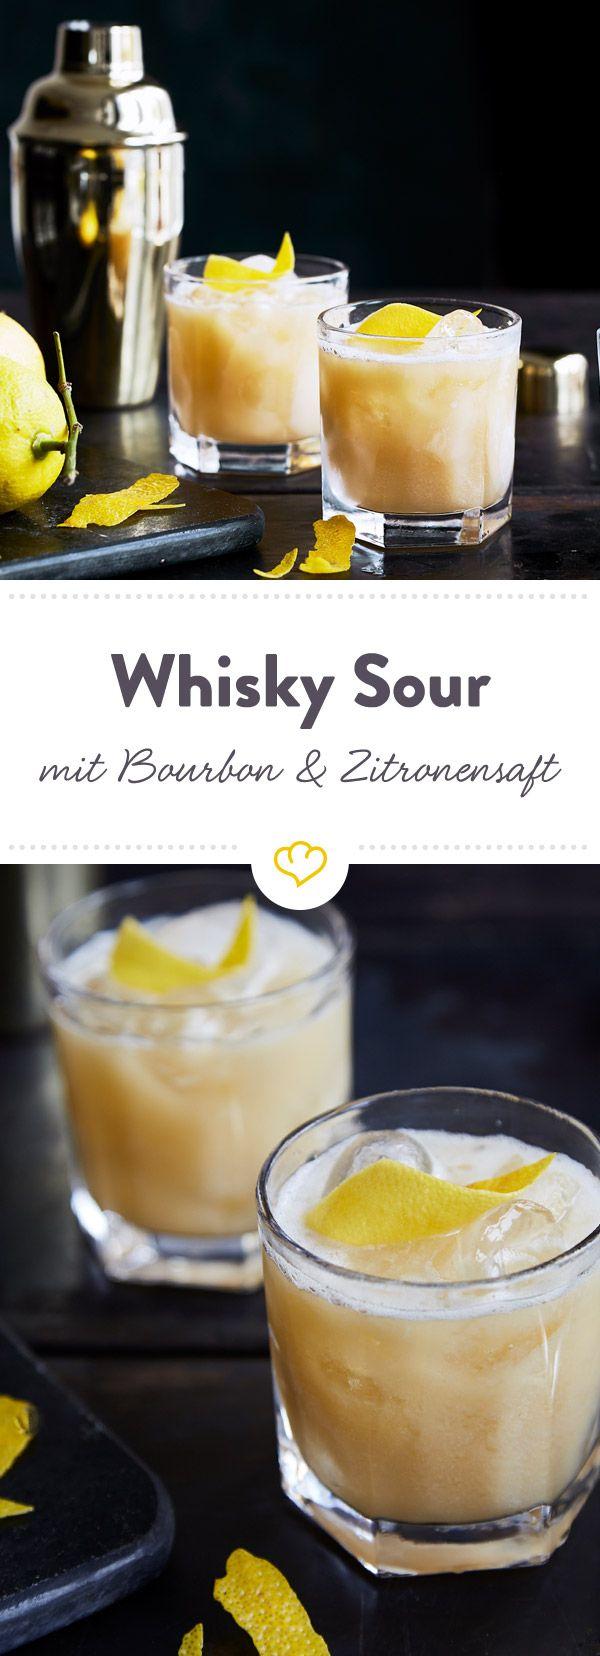 whisky sour cocktail rezept party snacks drinks. Black Bedroom Furniture Sets. Home Design Ideas